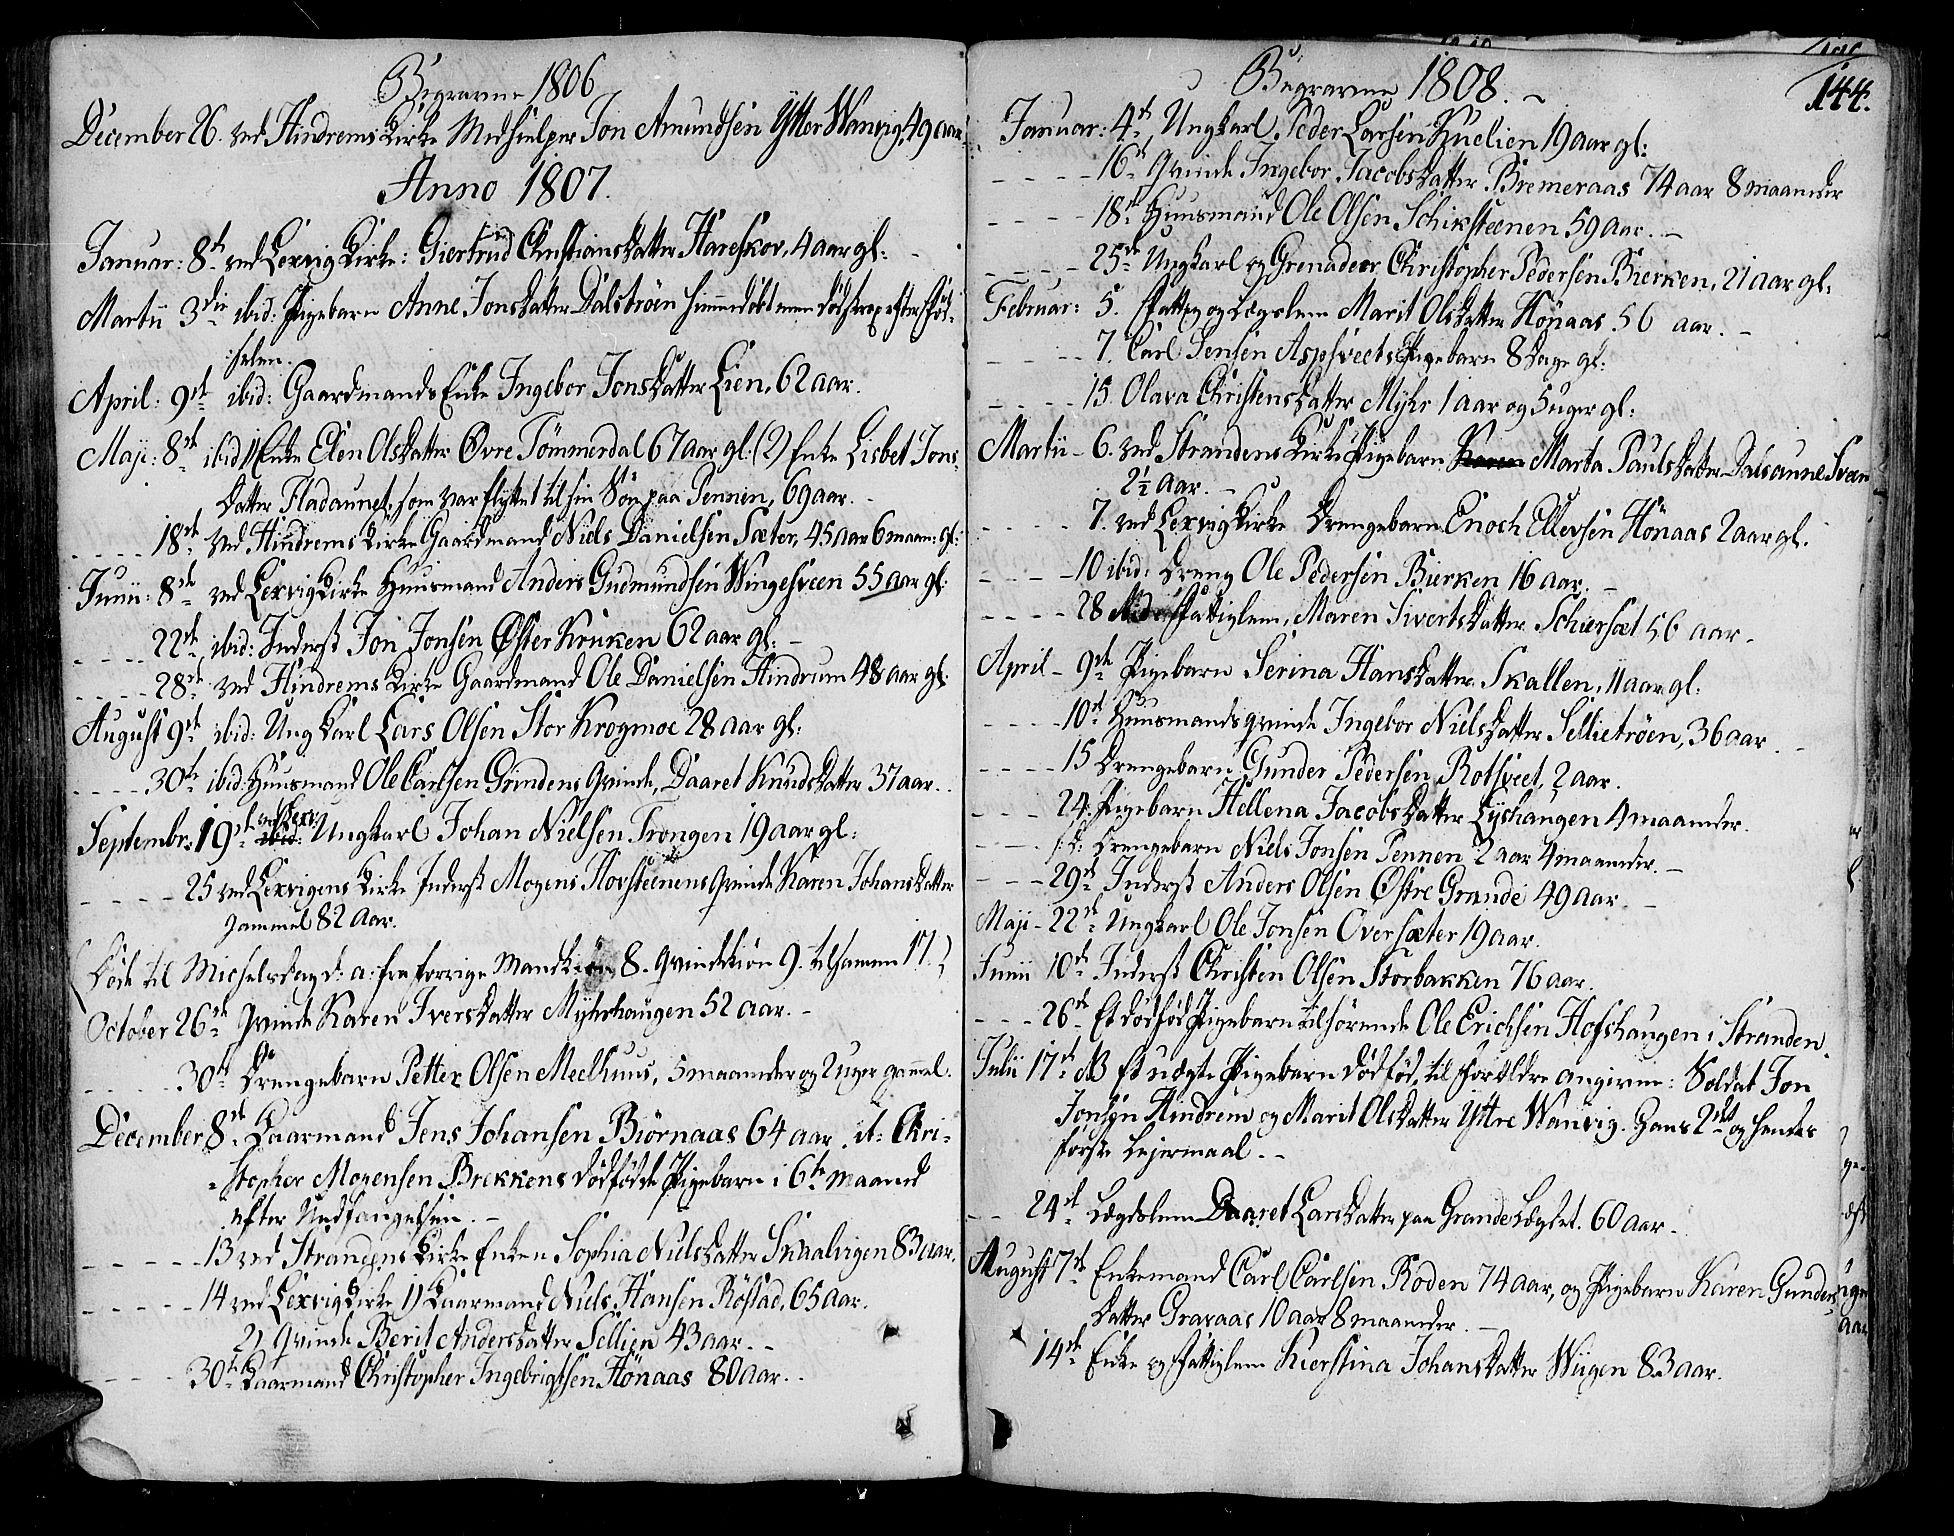 SAT, Ministerialprotokoller, klokkerbøker og fødselsregistre - Nord-Trøndelag, 701/L0004: Ministerialbok nr. 701A04, 1783-1816, s. 144